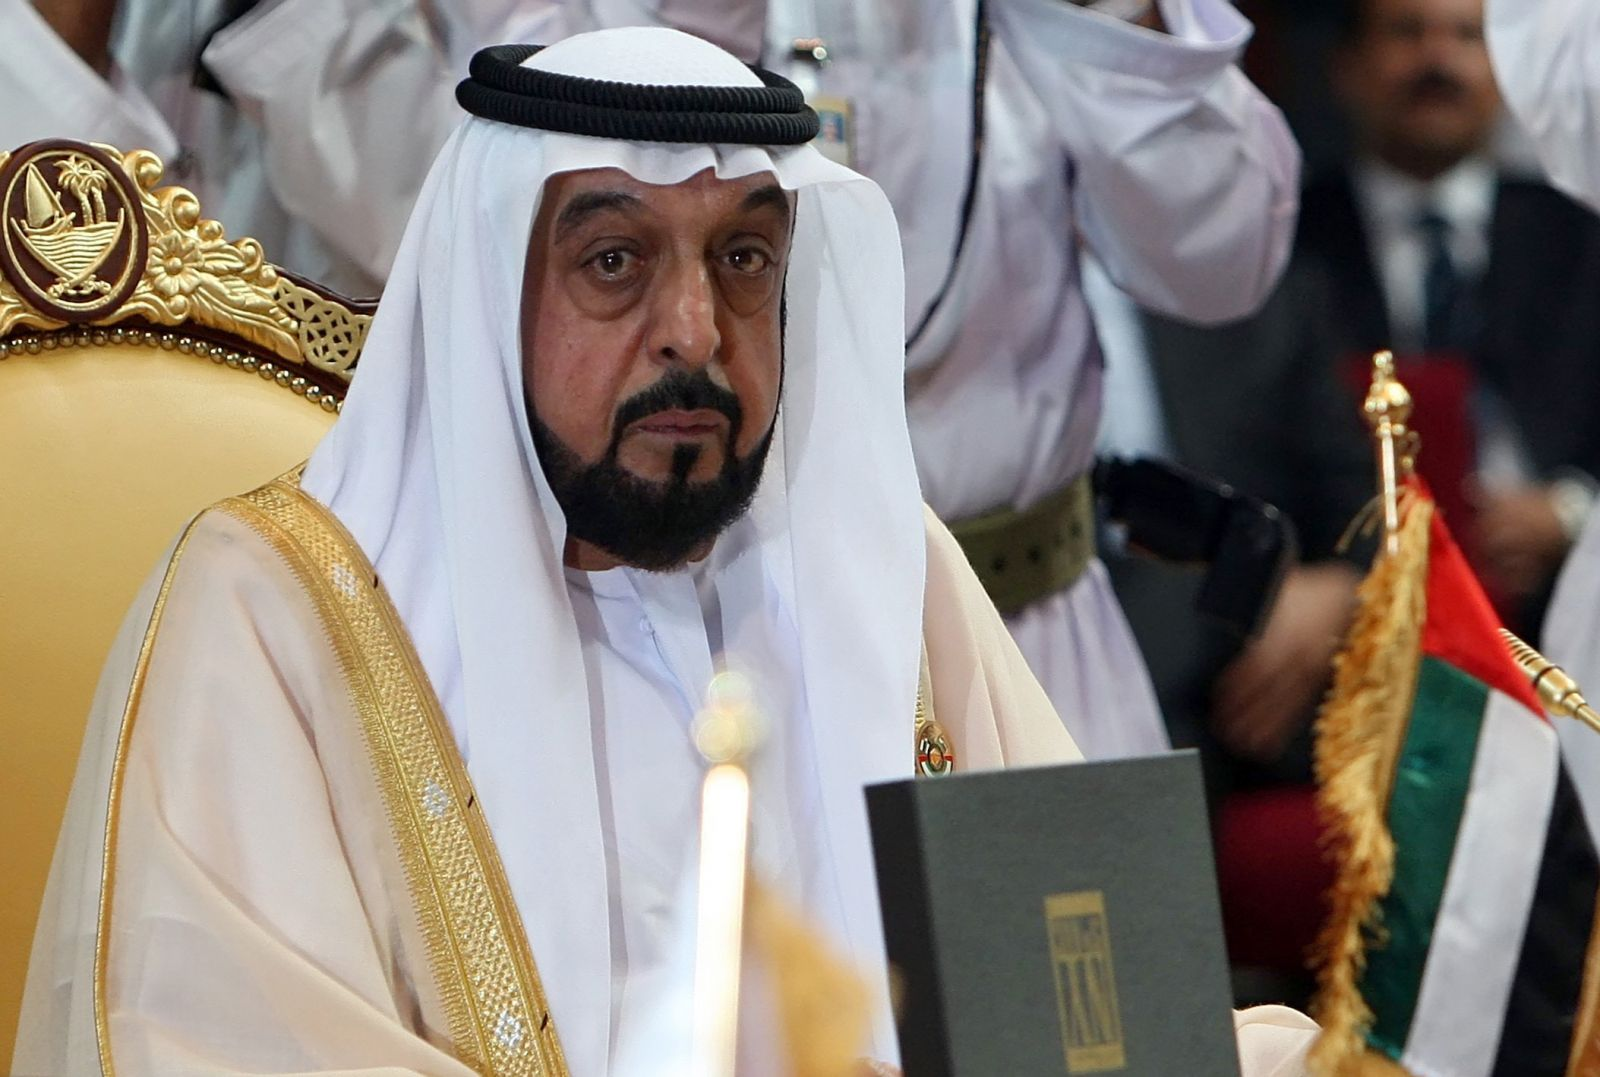 رئيس الإمارات يغادر البلاد في رحلة نادرة منذ إصابته بجلطة في 2014